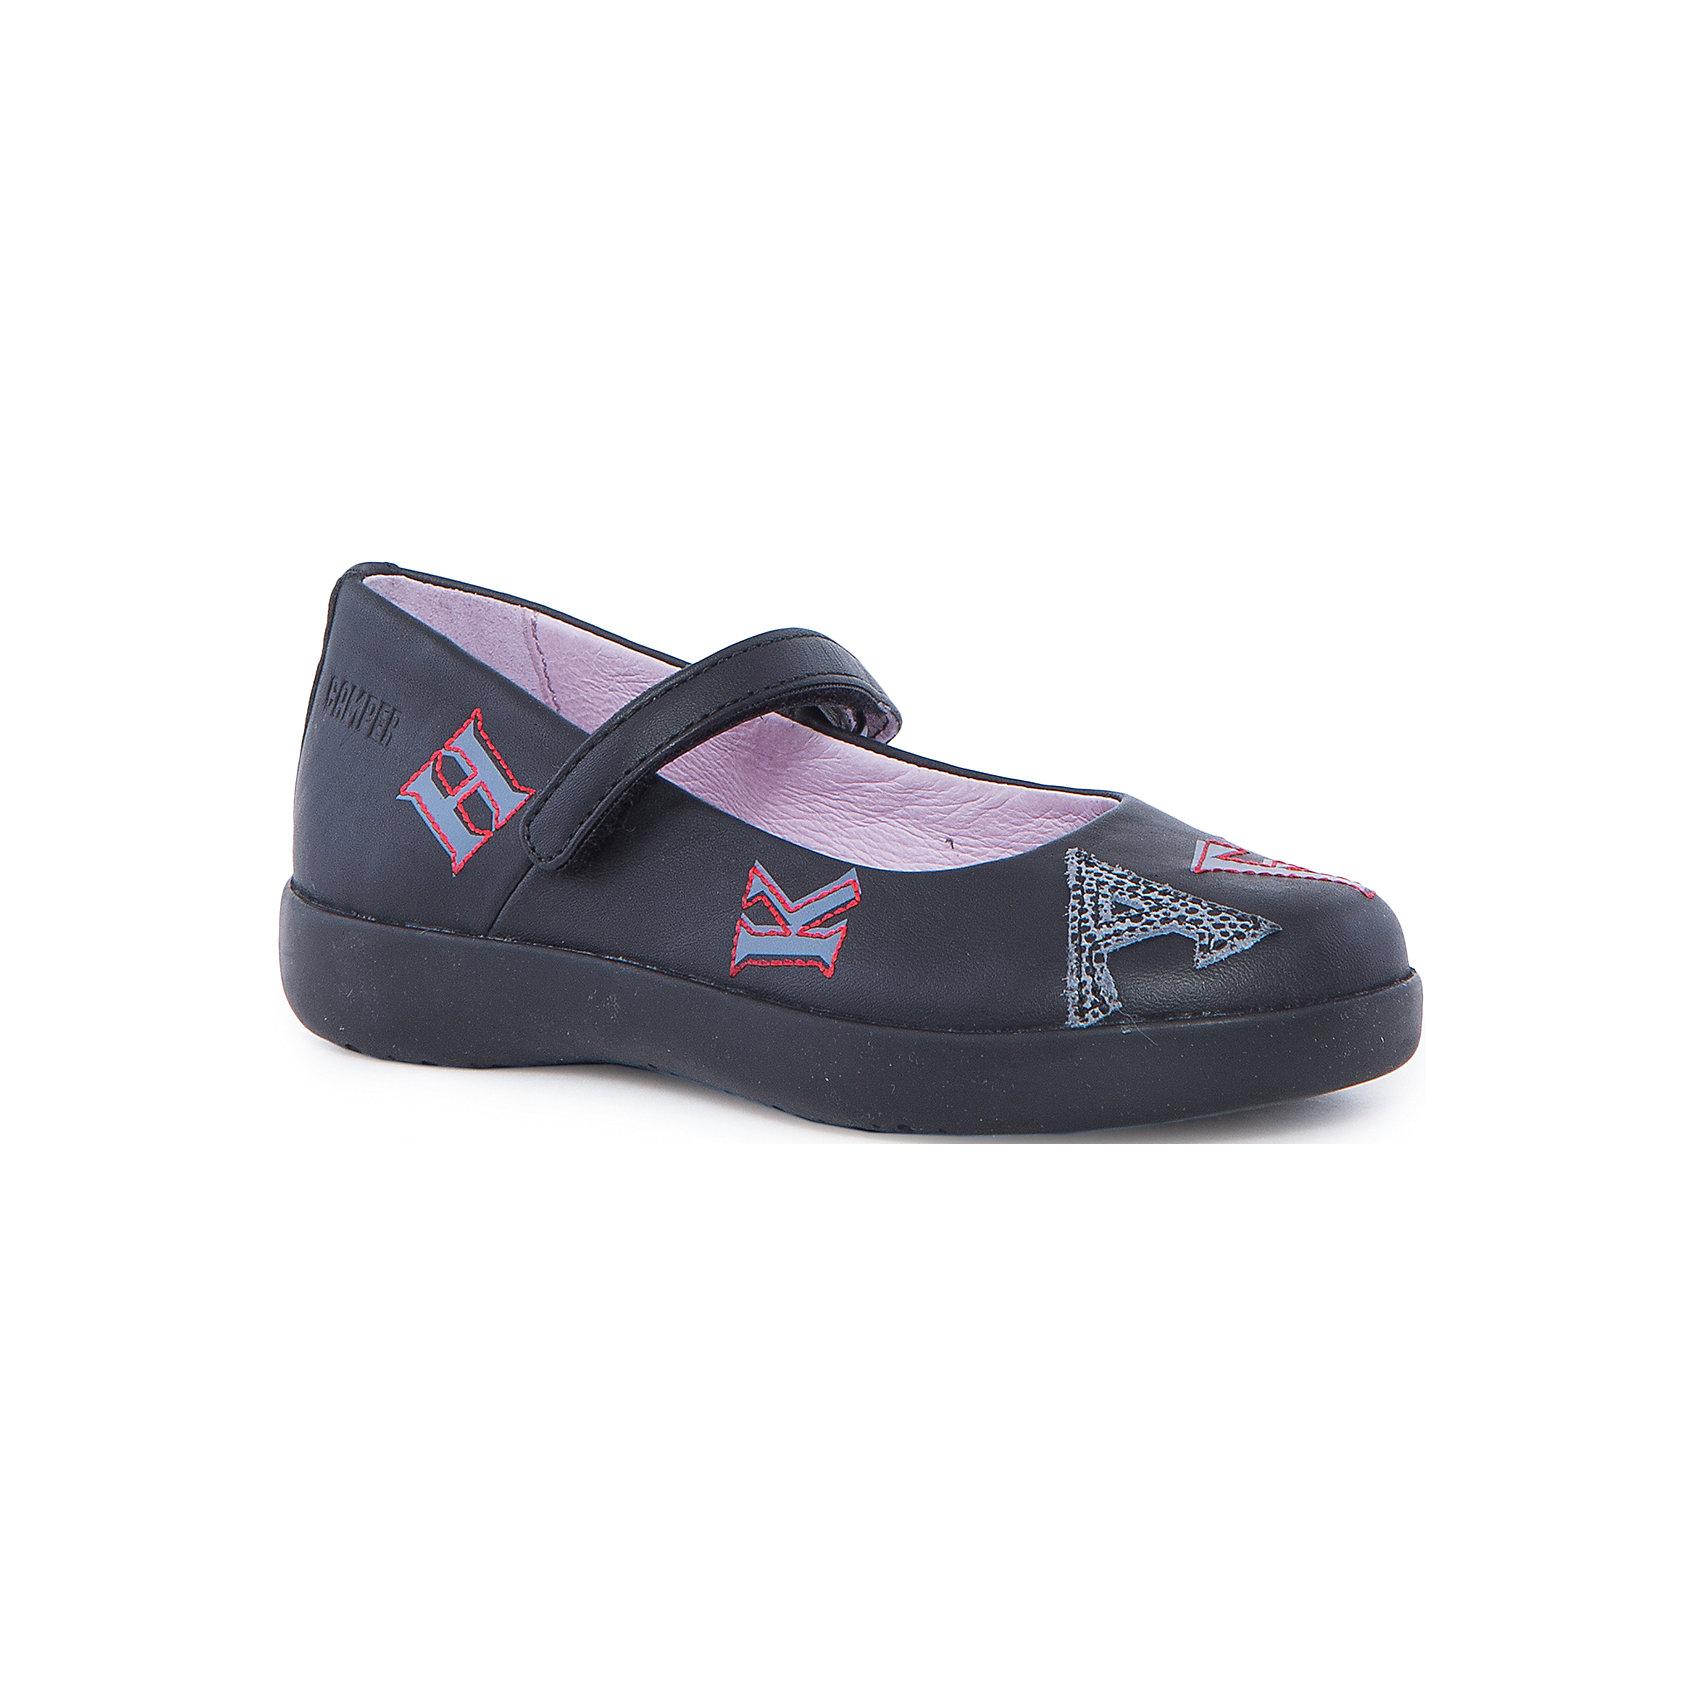 Туфли для девочки CamperТуфли<br>Характеристики:<br><br>• Предназначение: повседневная обувь<br>• Сезон: лето, демисезонные<br>• Пол: для девочки<br>• Цвет: черный, серый, красный<br>• Материал верха и стельки: натуральная кожа<br>• Материал подошвы: резина<br>• Тип каблука и подошвы: платформа<br>• Тип застежки: ремешки-липучки<br>• Уход: удаление загрязнений мягкой тканью<br><br>Туфли для девочки Camper изготовлены испанским торговым брендом, специализирующимся на производстве обуви премиум-класса. Детская обувь Camper учитывает анатомические особенности детской растущей ноги, поэтому она изготавливается исключительно из натуральной кожи. Туфли выполнены из гладкой кожи без рисунка, имеется ортопедическая стелька, для защиты от натирания предусмотрена мягкая пятка. Линейка обуви Spiral comet от Camper отличается легкостью, гибкостью и износоустойчивостью. Туфли для девочки выполнены в классическом стиле, оформлены яркими элементами дизайна – наклейками и аппликациями из букв, контуры которых вышиты яркими нитками, на ремешке и пятке имеется брендовая надпись.  <br><br>Туфли для девочки Camper можно купить в нашем интернет-магазине.<br><br>Ширина мм: 227<br>Глубина мм: 145<br>Высота мм: 124<br>Вес г: 325<br>Цвет: черный<br>Возраст от месяцев: 120<br>Возраст до месяцев: 132<br>Пол: Женский<br>Возраст: Детский<br>Размер: 34,31,30,32,35,28,33,29<br>SKU: 4974891